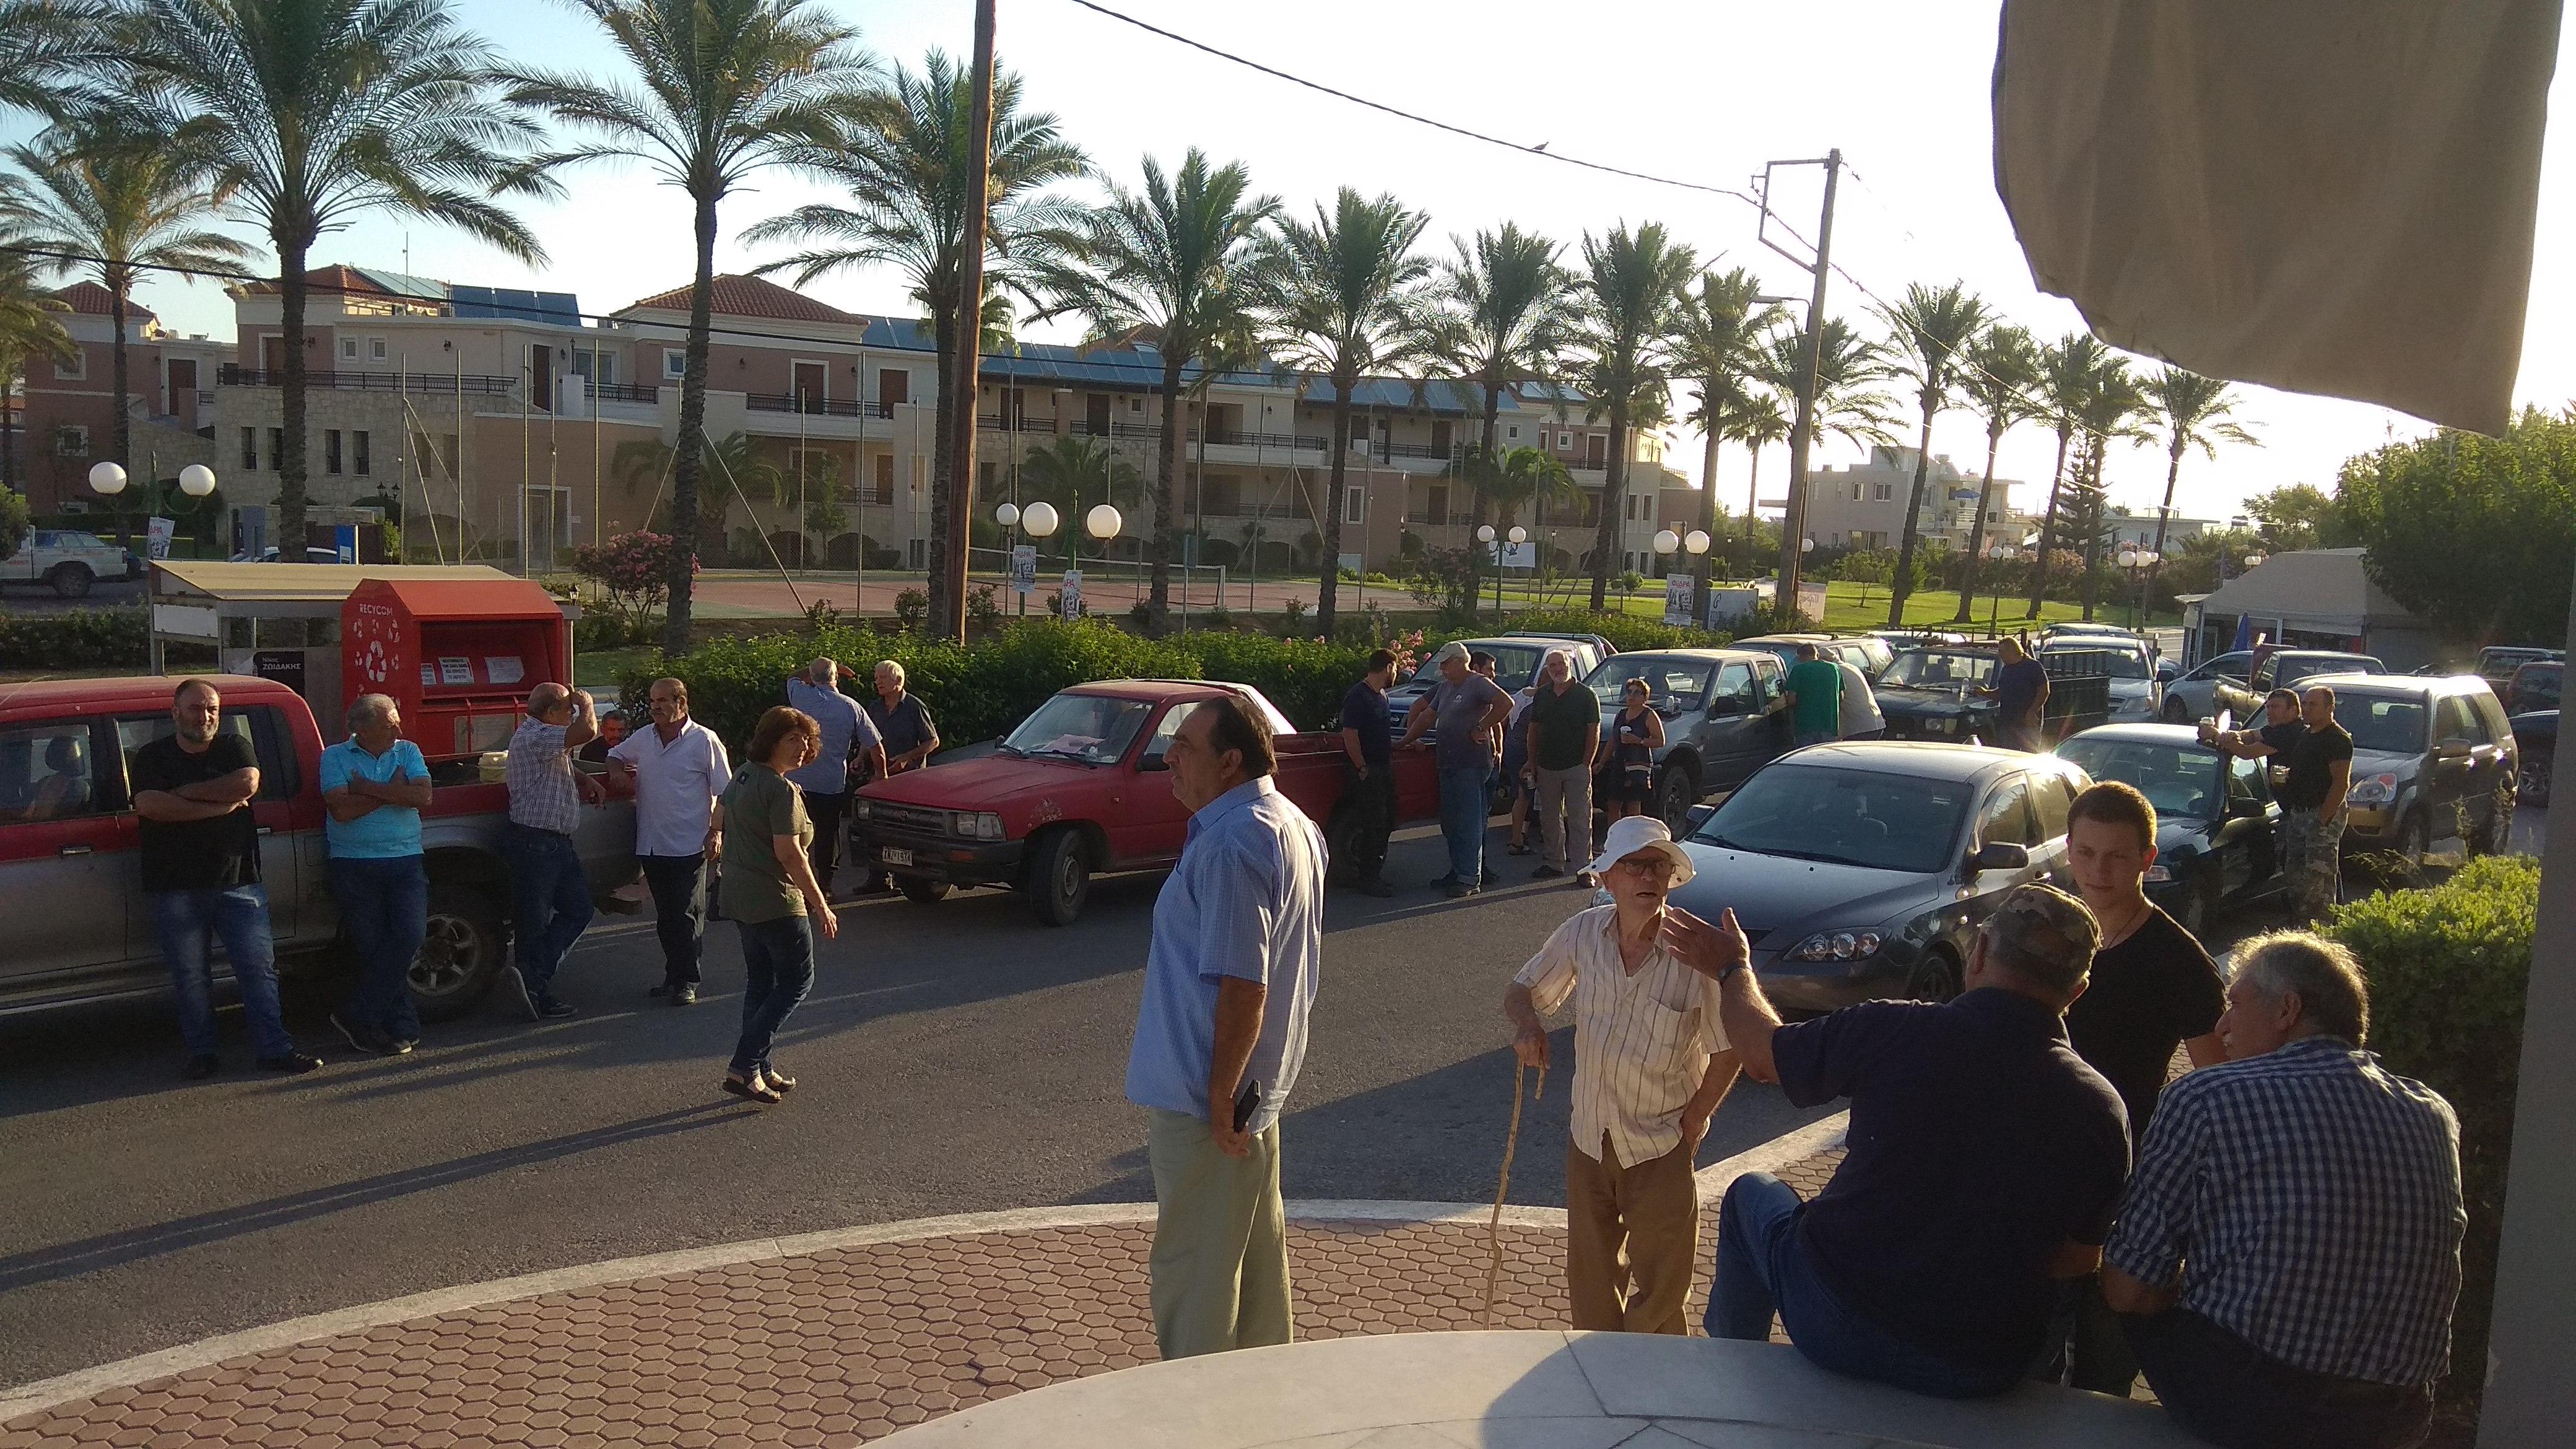 Χανιά: Η υπομονή τους τελείωσε – Συγκέντρωση διαμαρτυρίας στο δημαρχείο Πλατανιά για τα αυτονόητα!